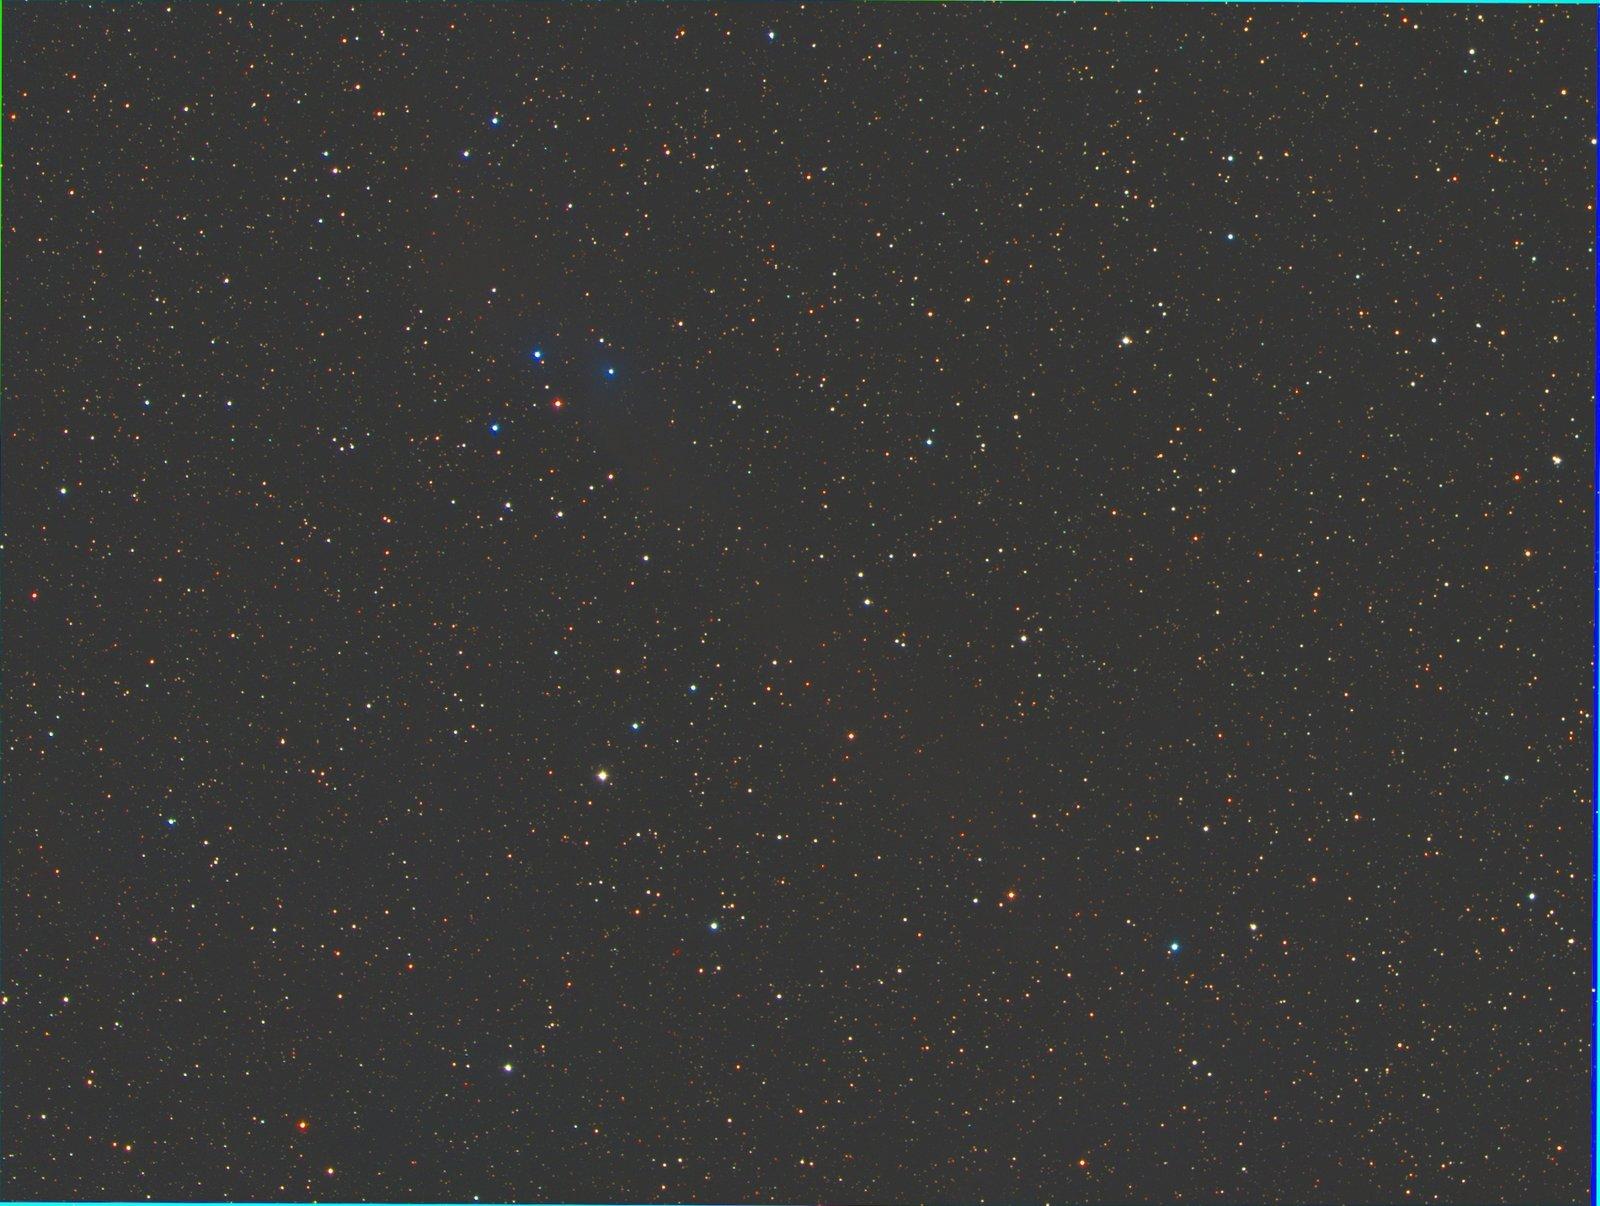 59ec4fedd699b_Action-RGB.thumb.jpg.7278336df184bf74ffff8dac5052c541.jpg